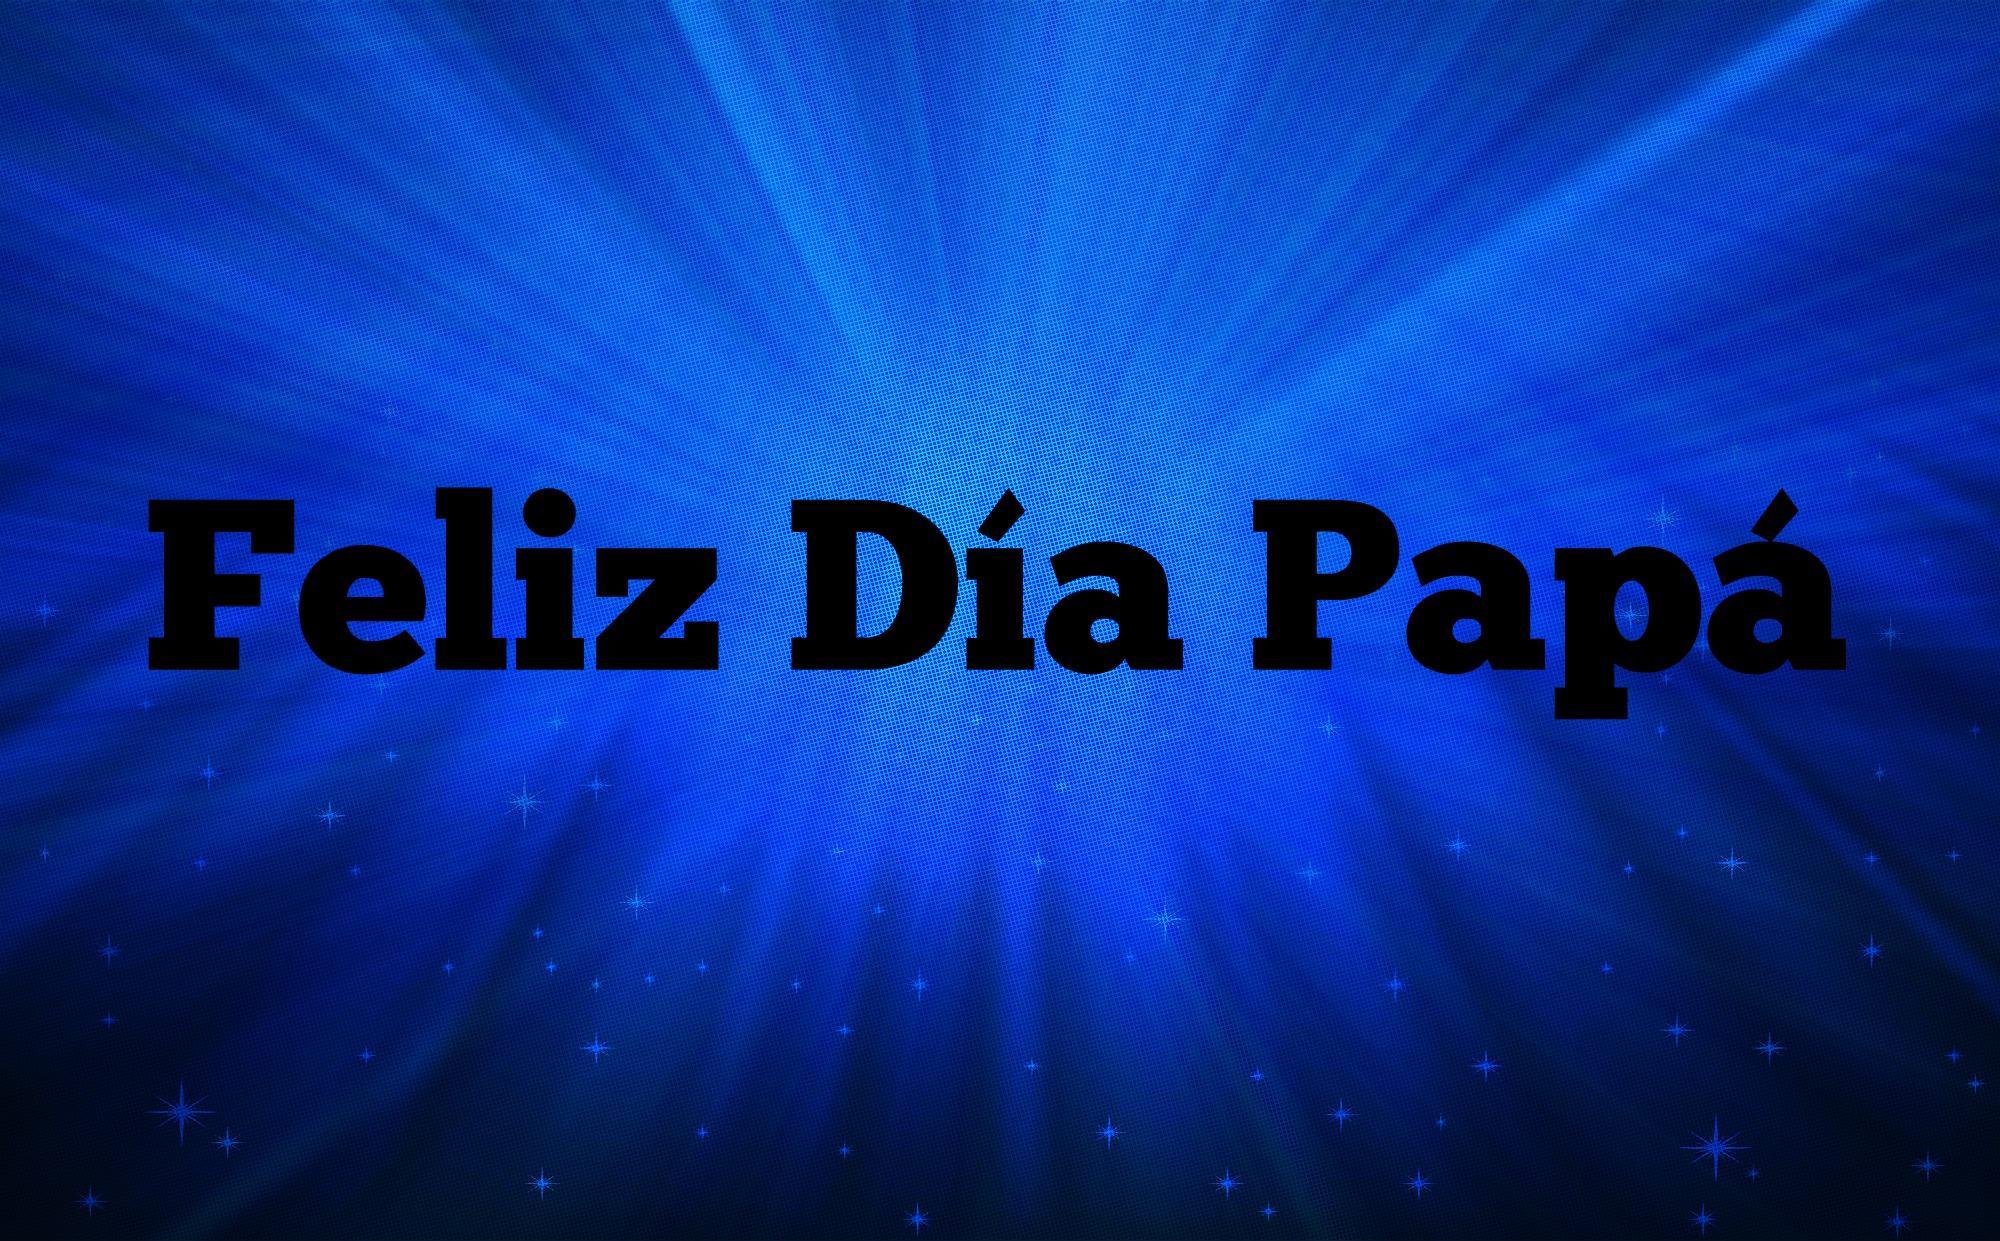 Feliz Día del Padre 2020: Imágenes para compartir | AhoraMismo.com